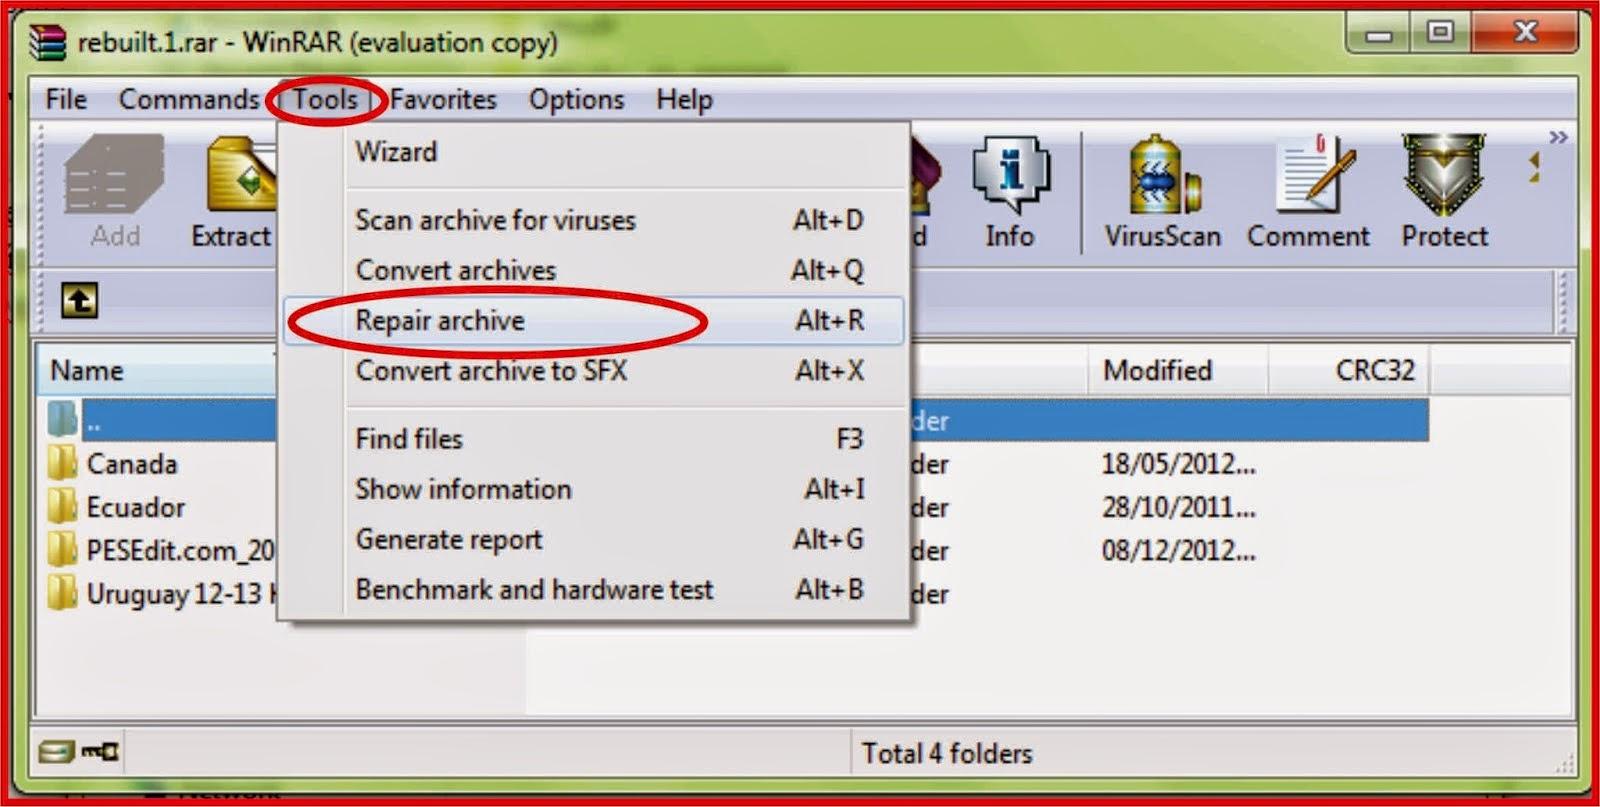 Cara Mengatasi File RAR yang Rusak/Corrupt (WinRar: Diagnostic Messages)